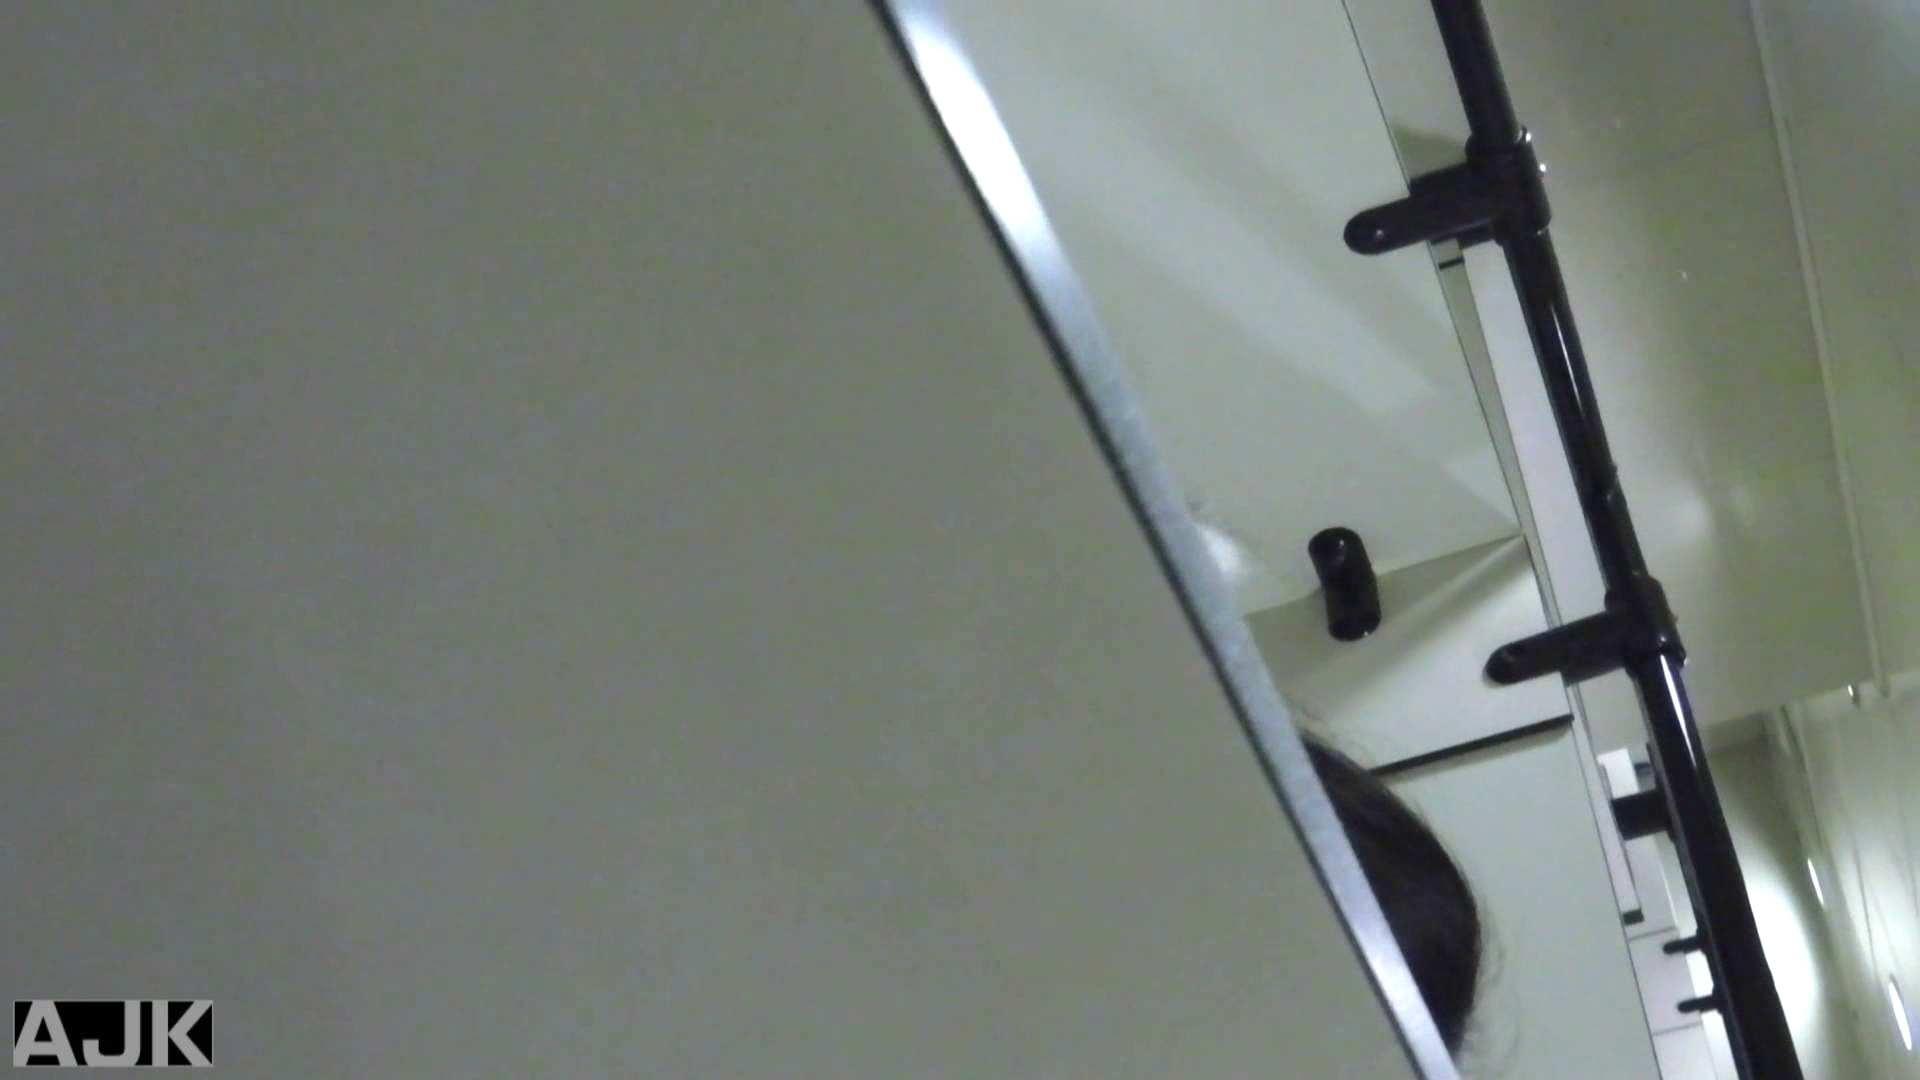 隣国上階級エリアの令嬢たちが集うデパートお手洗い Vol.29 おまんこ オマンコ動画キャプチャ 108枚 10